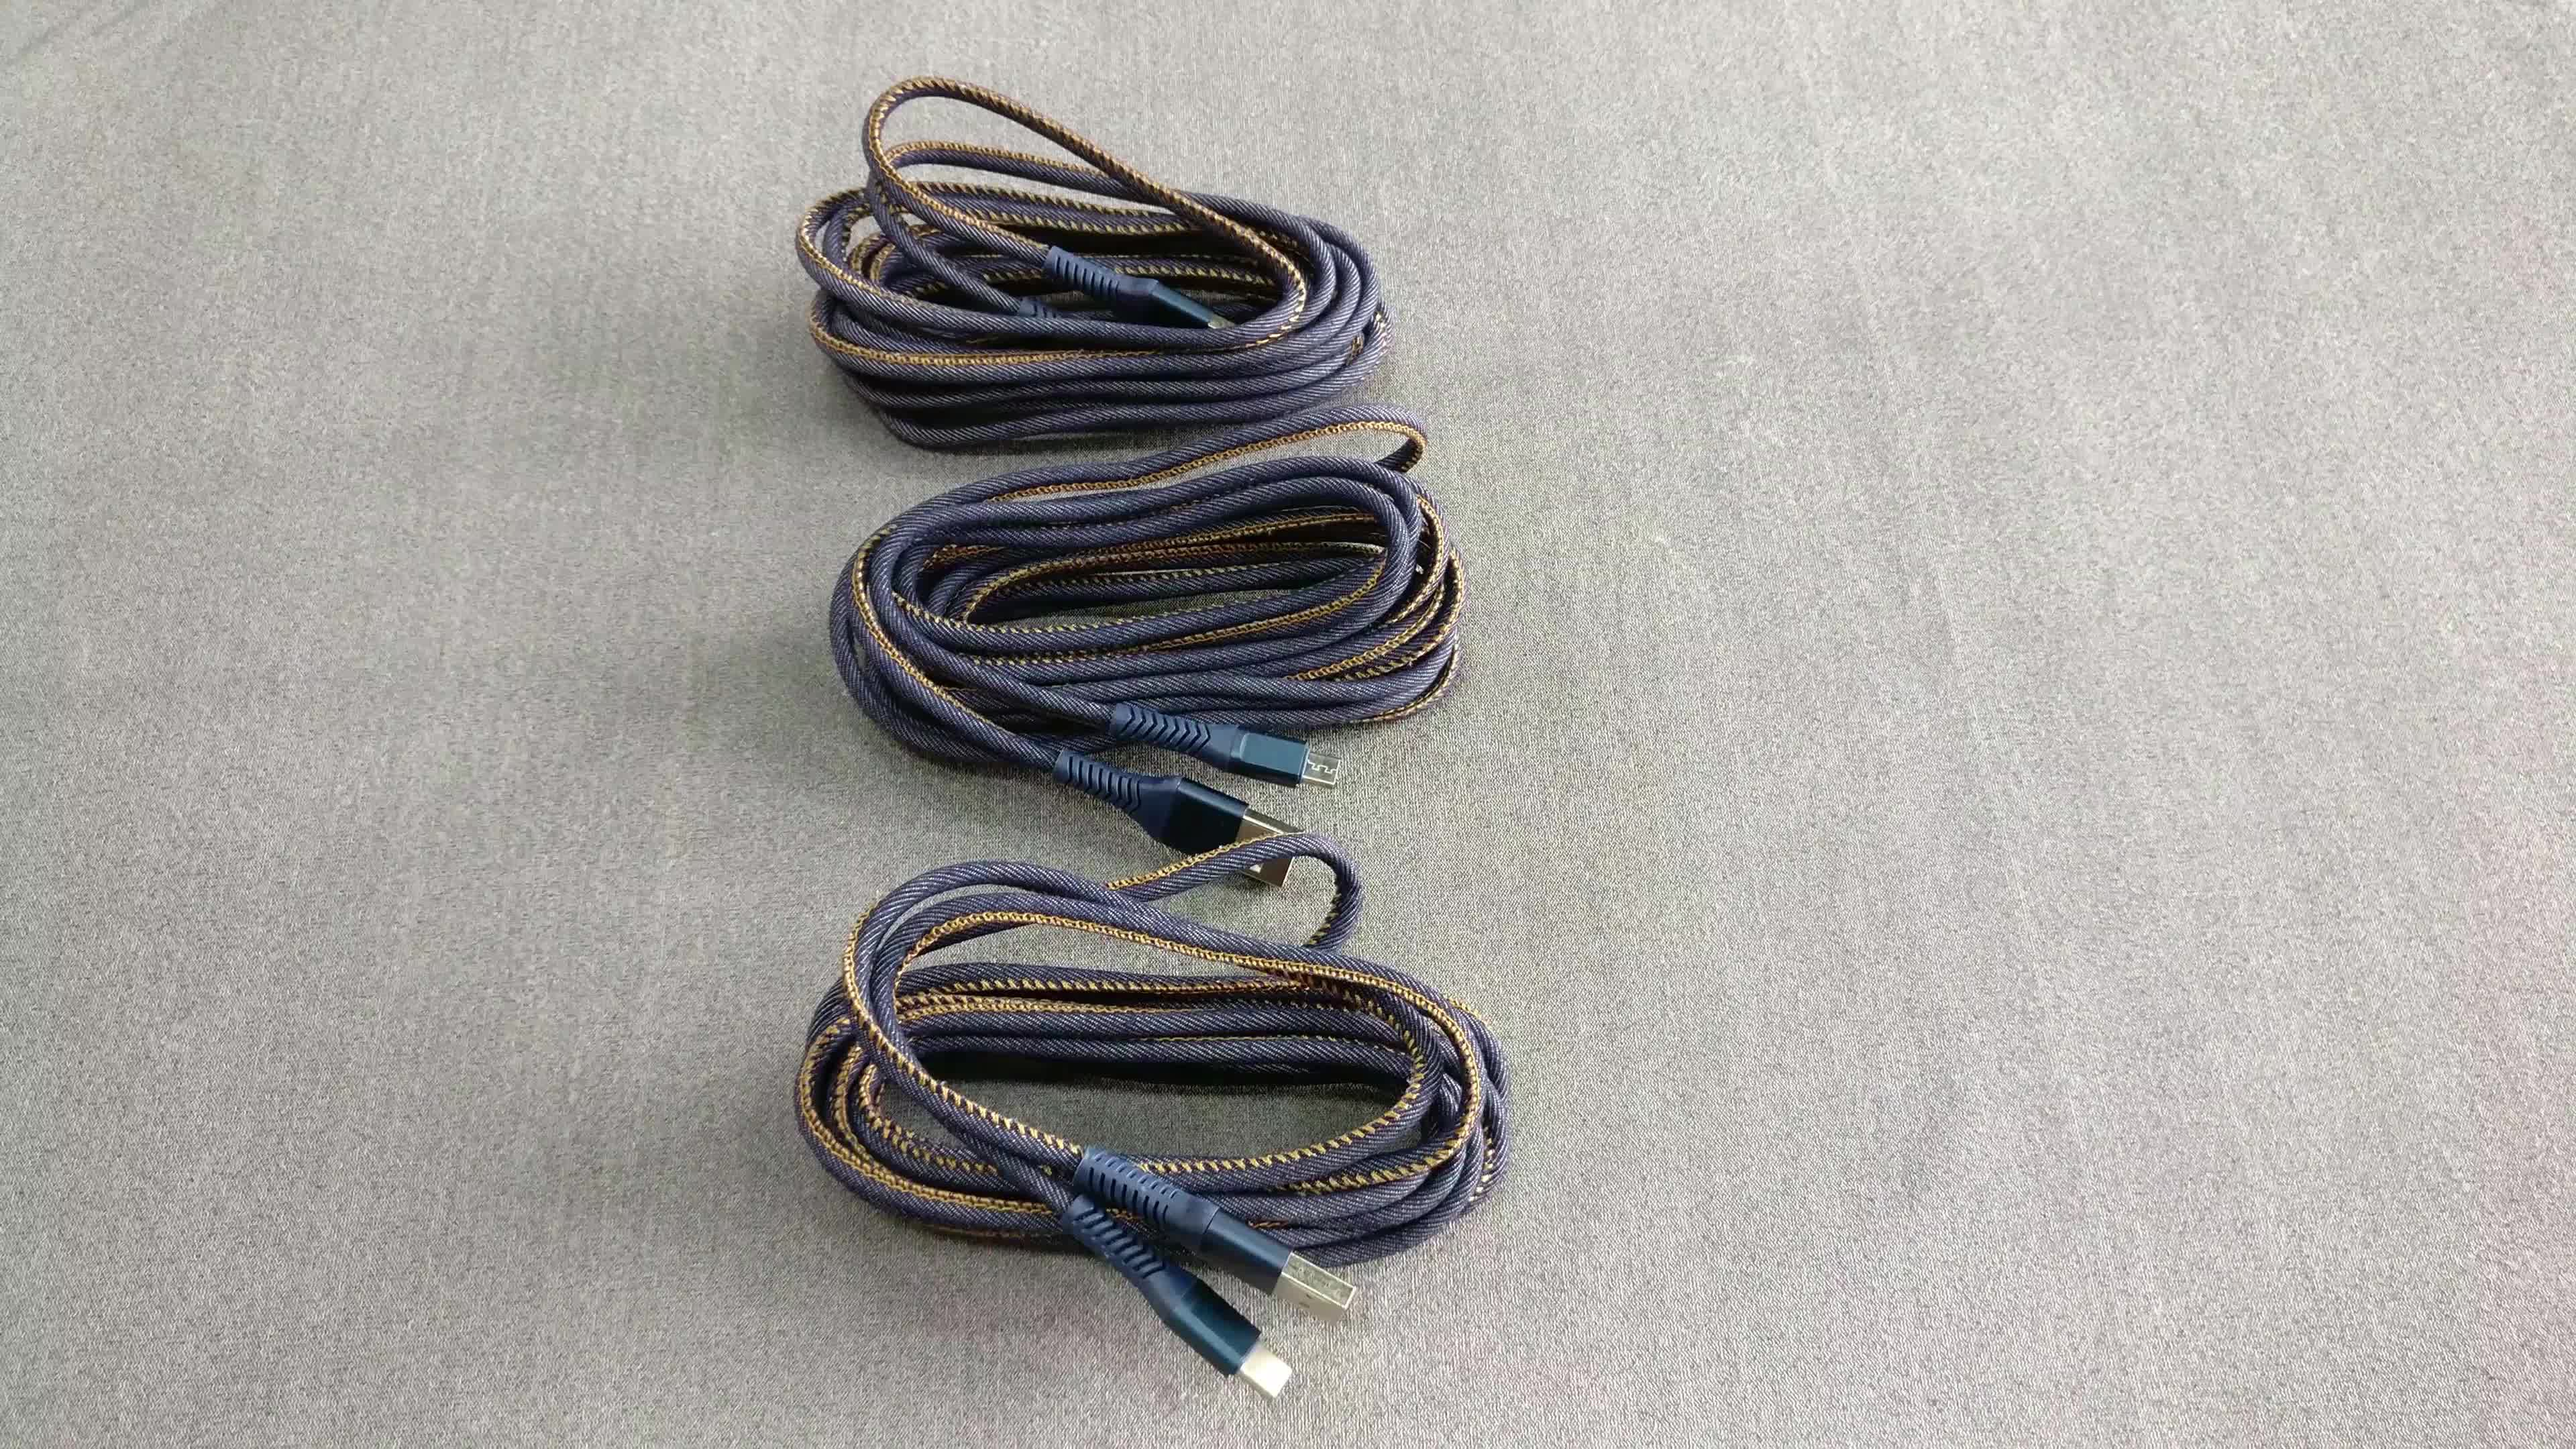 Frete grátis forte SR denim jeans duplo lado USB para o cabo de carregamento do iPhone cabo para iphone x 8 7 plus 6 s plus 5s 5c ipad air